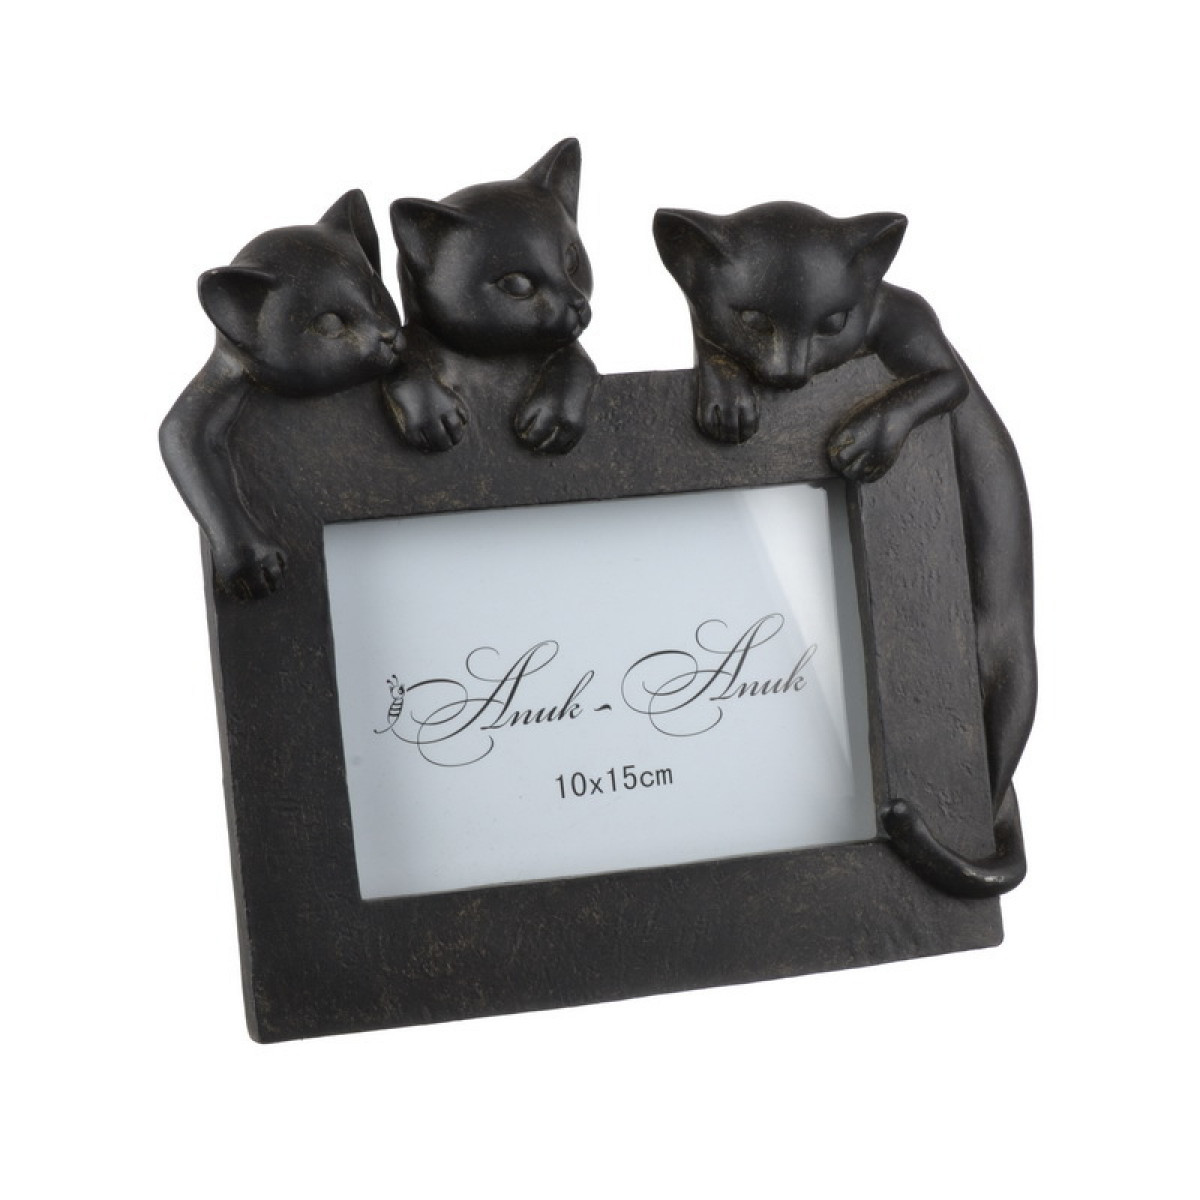 фоторамки с фигурками кошек фото